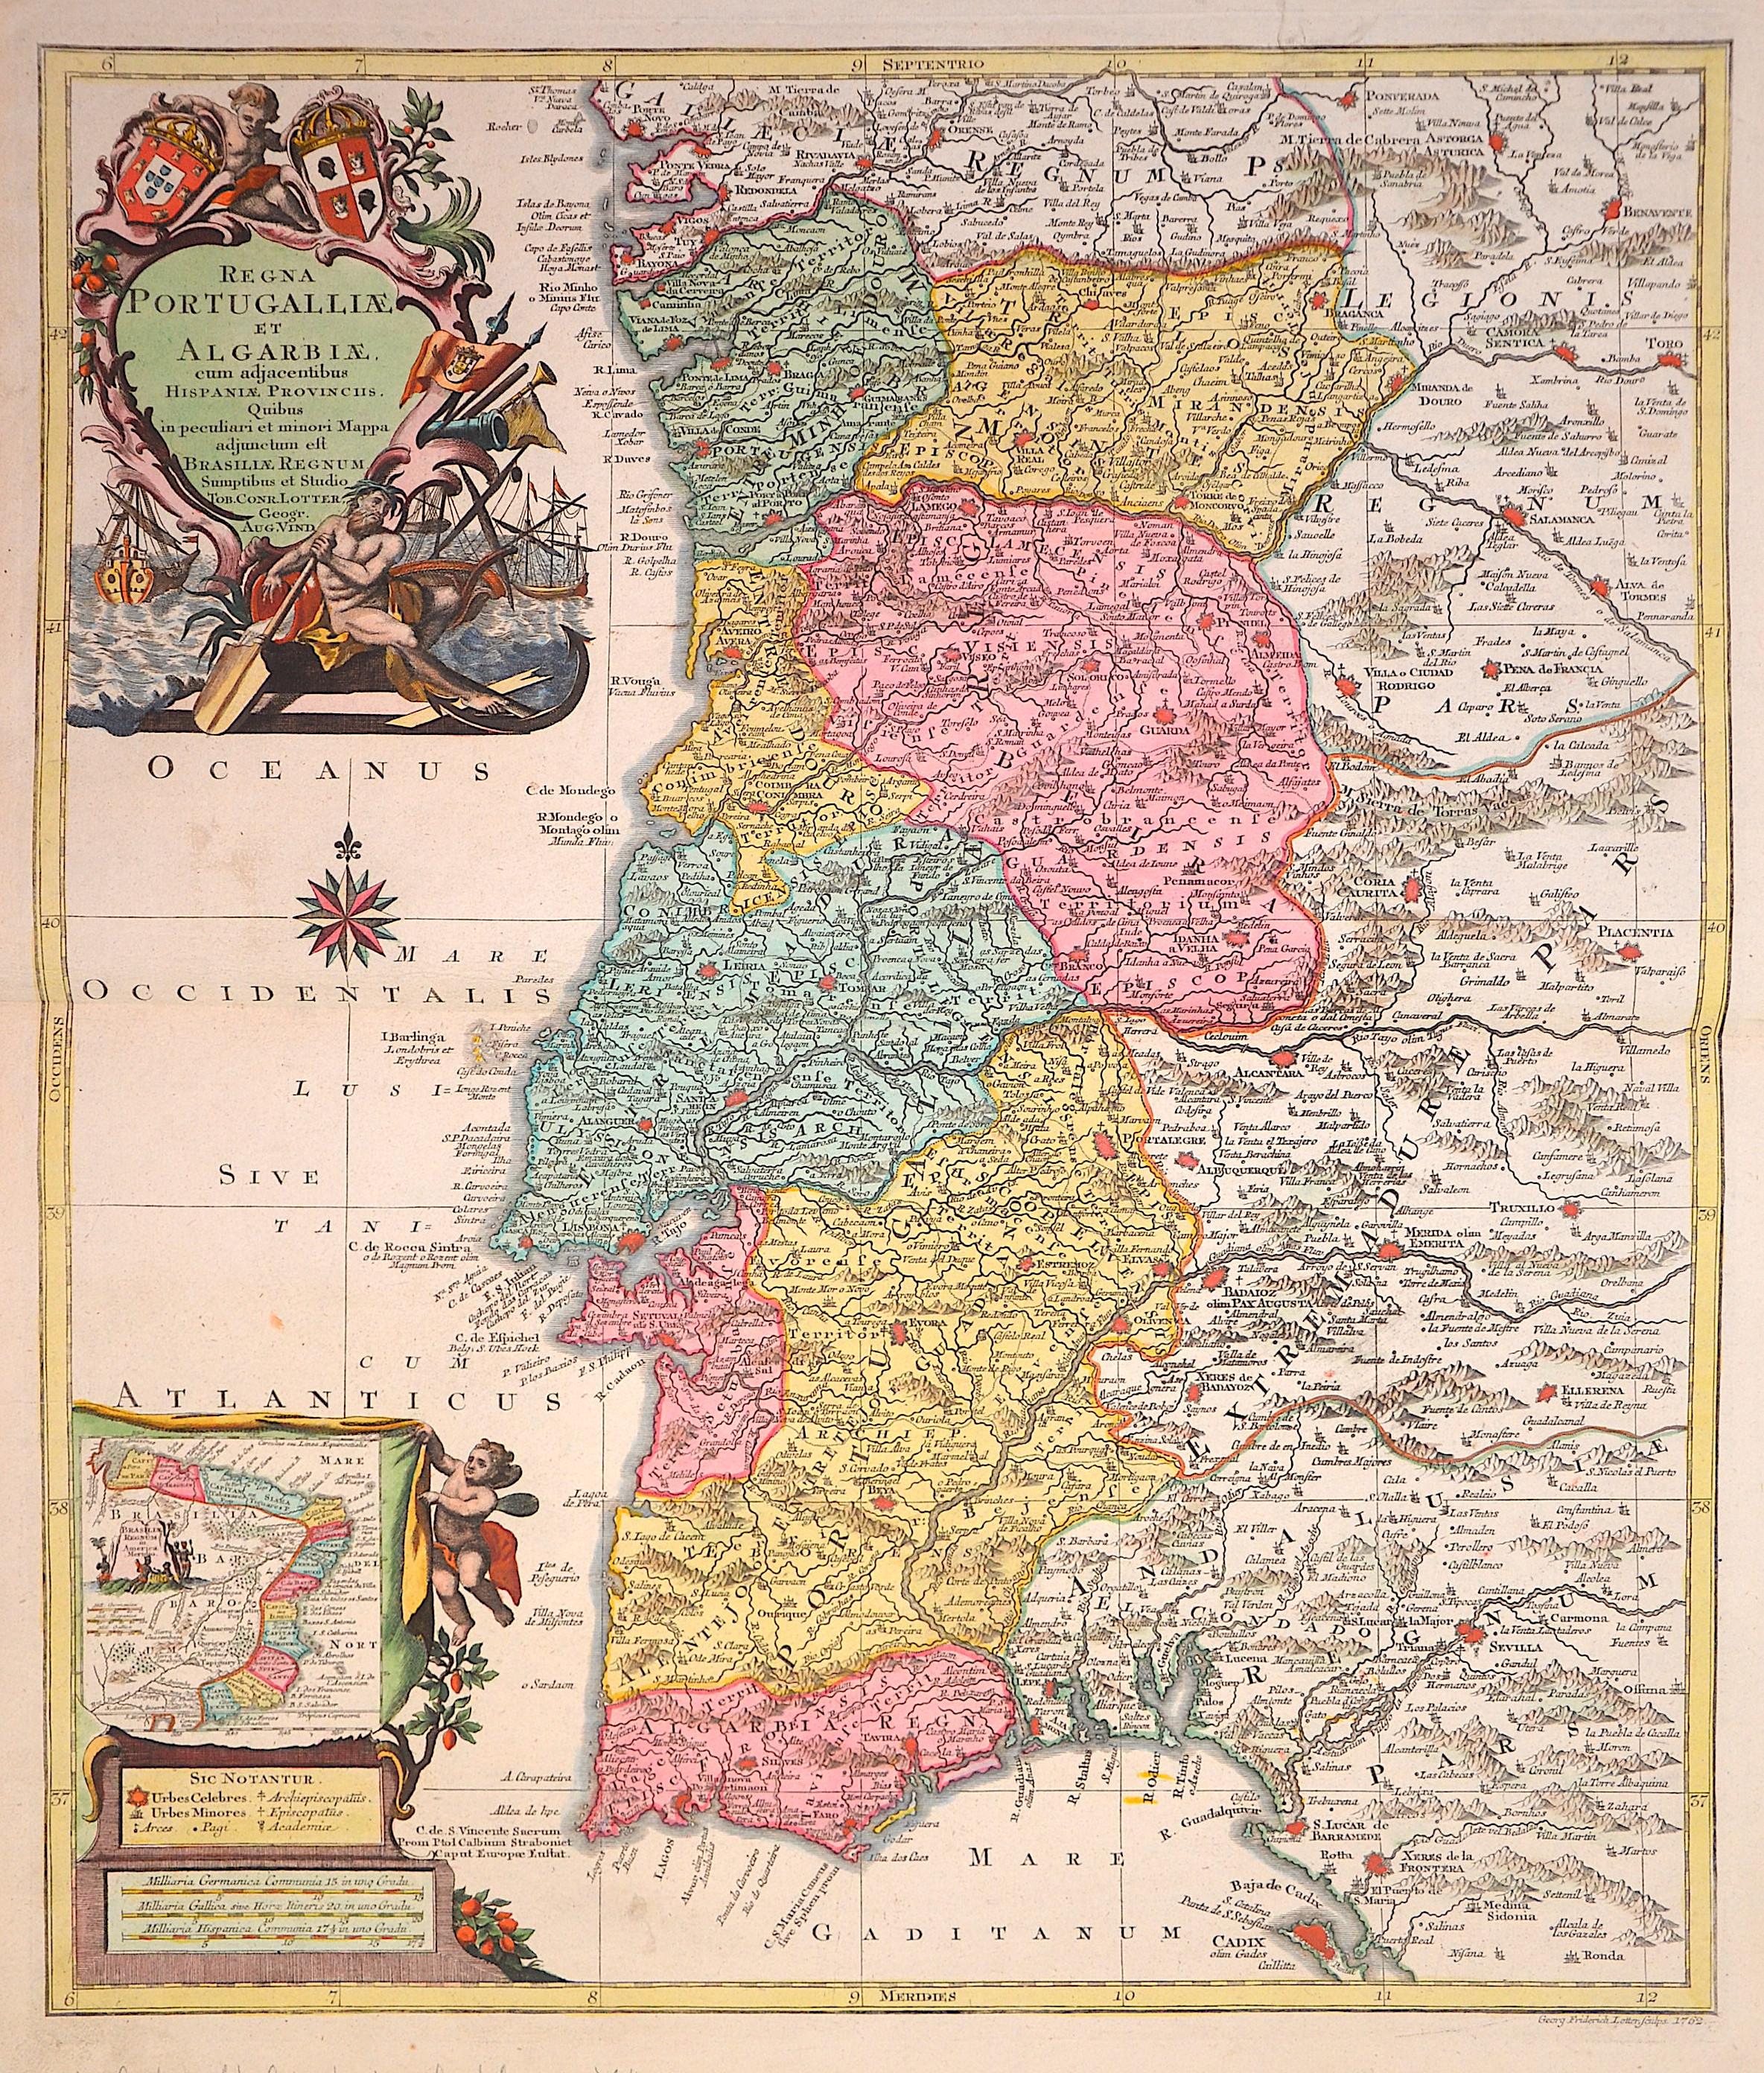 Lotter Tobias Conrad Regna Portugaliae et Algarbiae cum atiacentibus Hispaniae Provinciis…..Brasiliae regnum